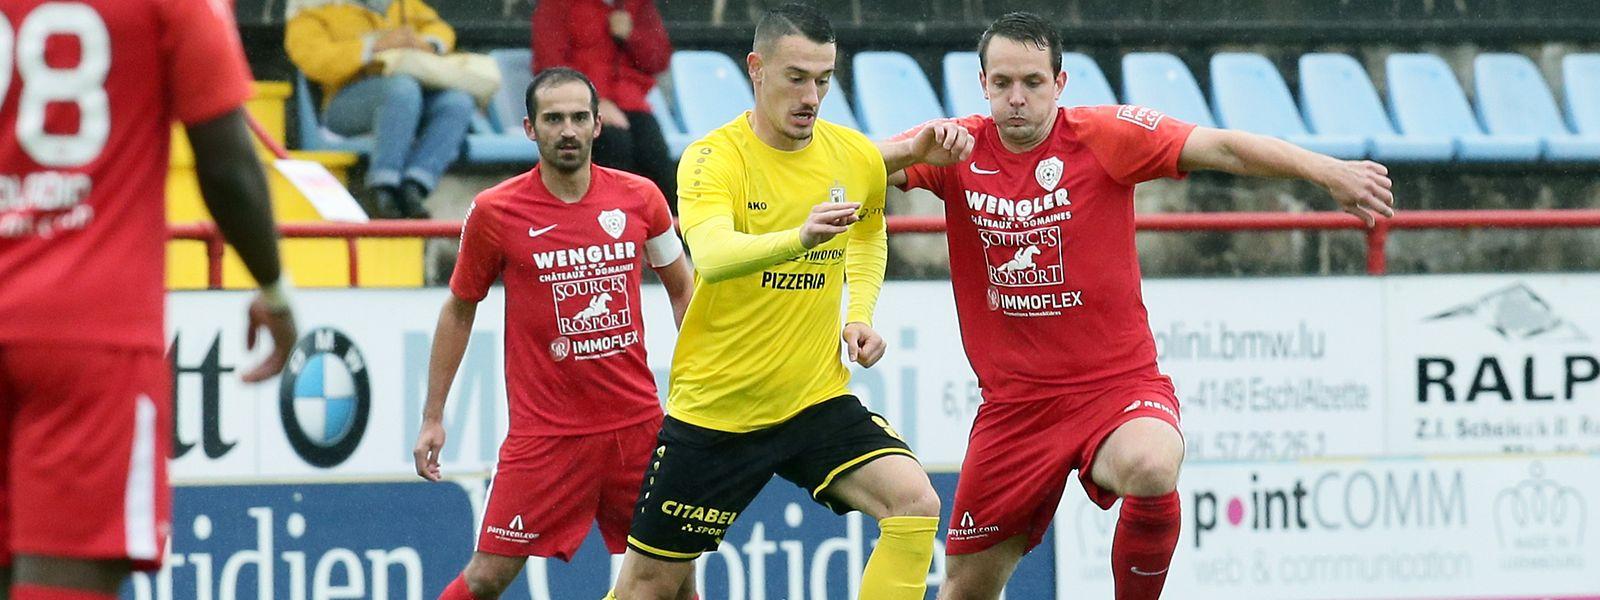 Le Dudelangeois Edvin Muratovic (en jaune) s'extirpe de l'étau rosportois composé de Fabian Breuer et Timo Heinz